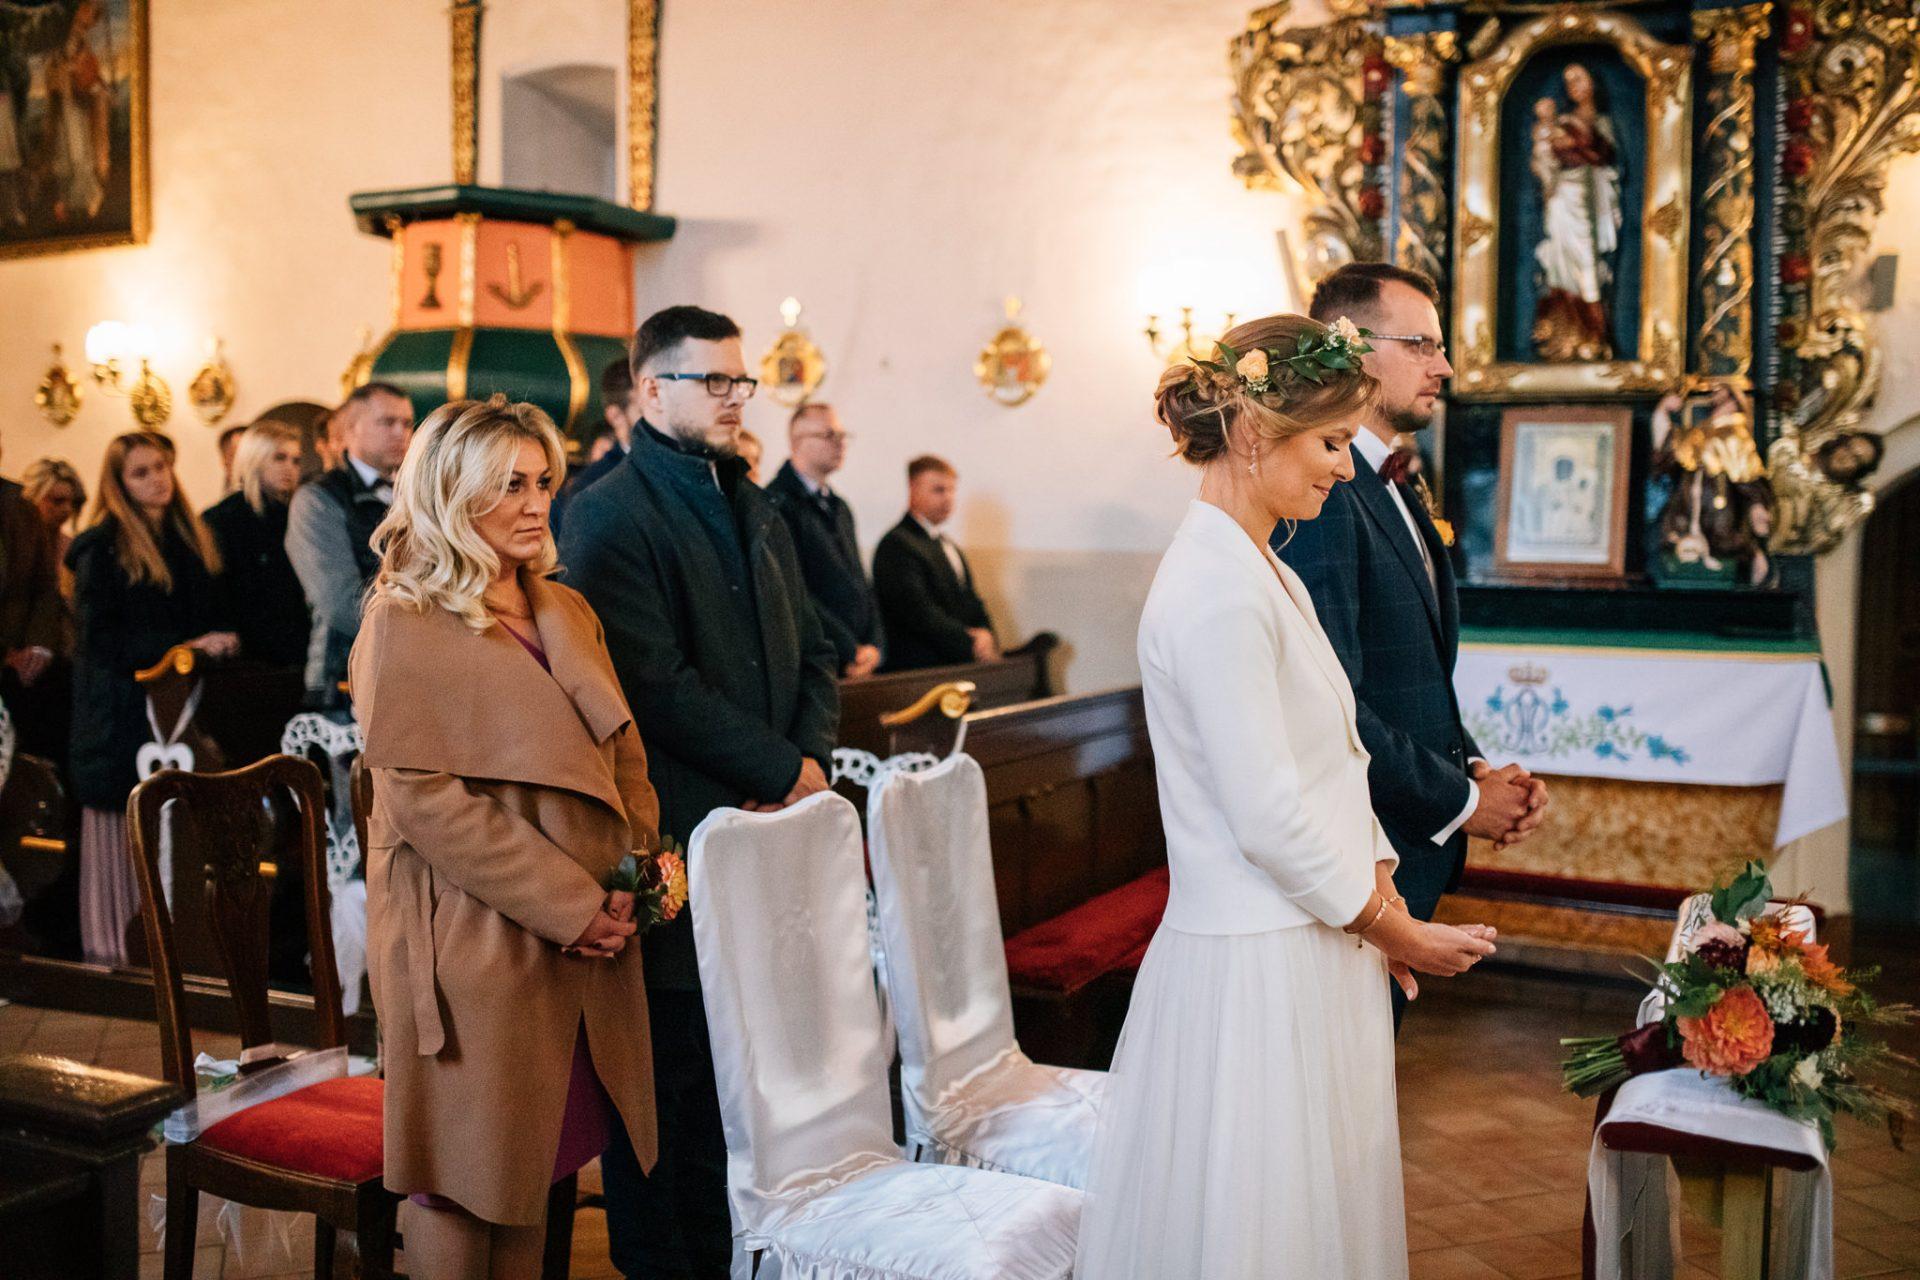 fotograf-ślubny-poznań-kinga-madro